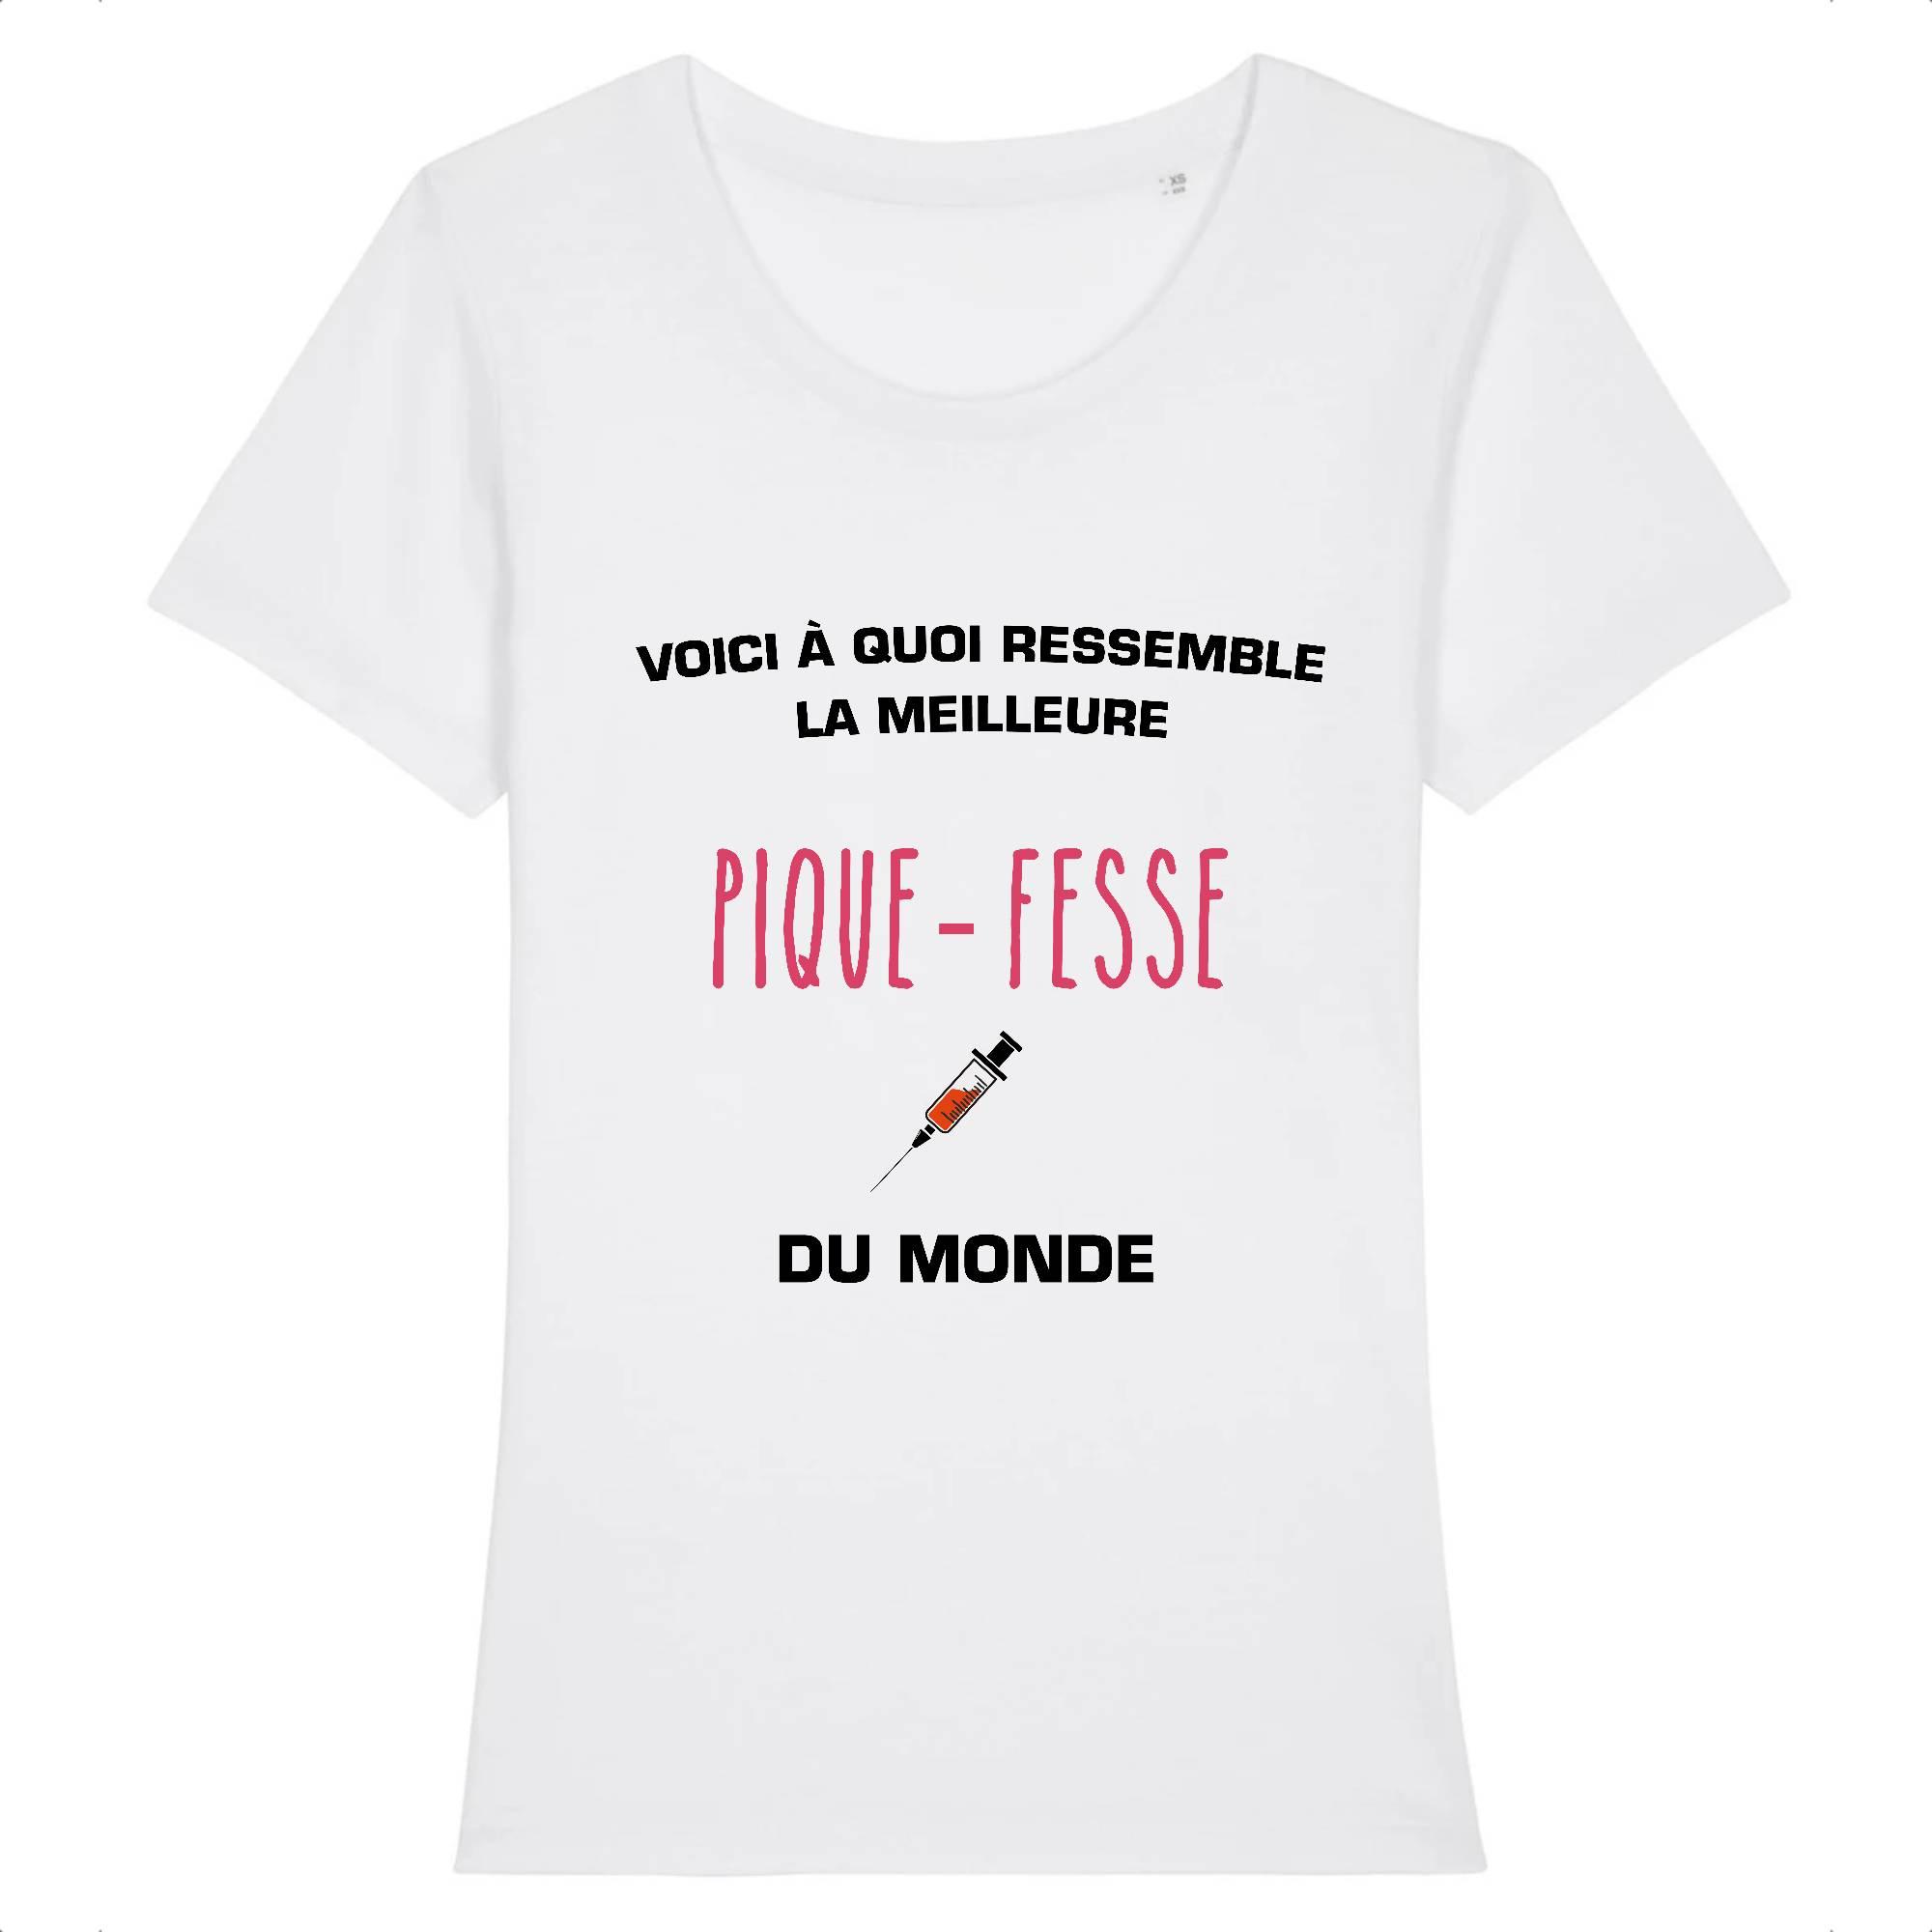 T-shirt infirmière - Voici à quoi ressemble la meilleure pique fesse du monde